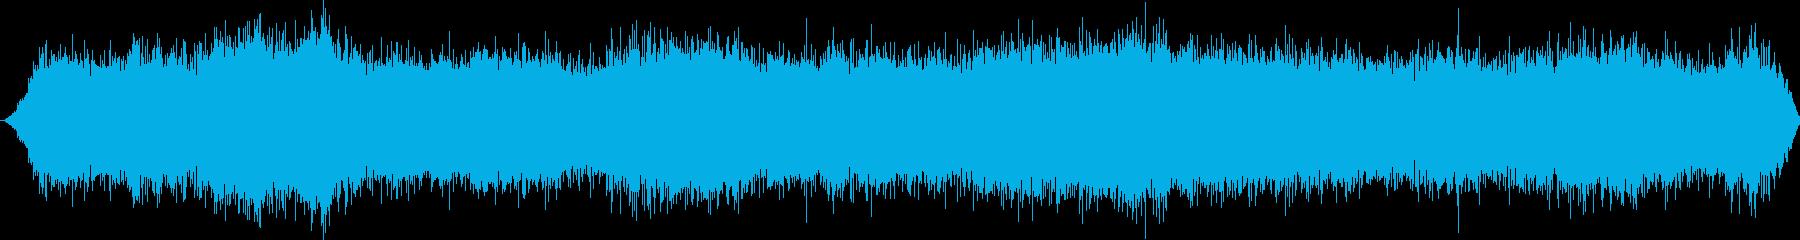 深い山または洞窟:ハウリング風、風の再生済みの波形